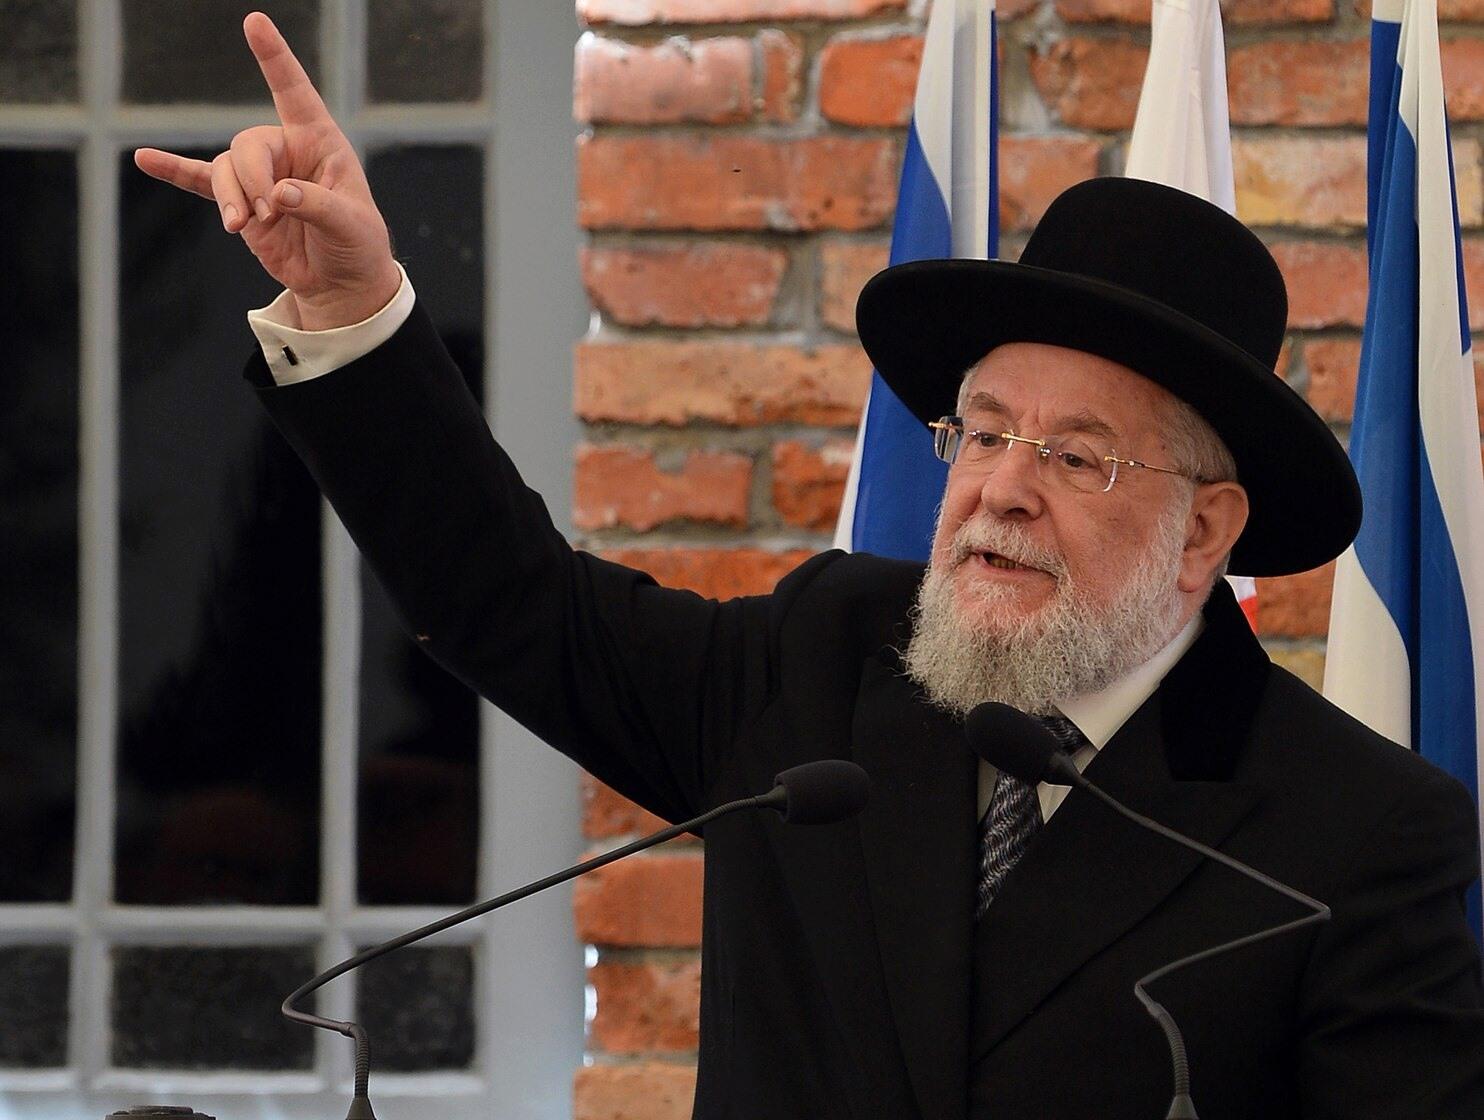 Бывший духовный лидер израильской ортодоксальной политической партии «Яхад» Меир Мазуз